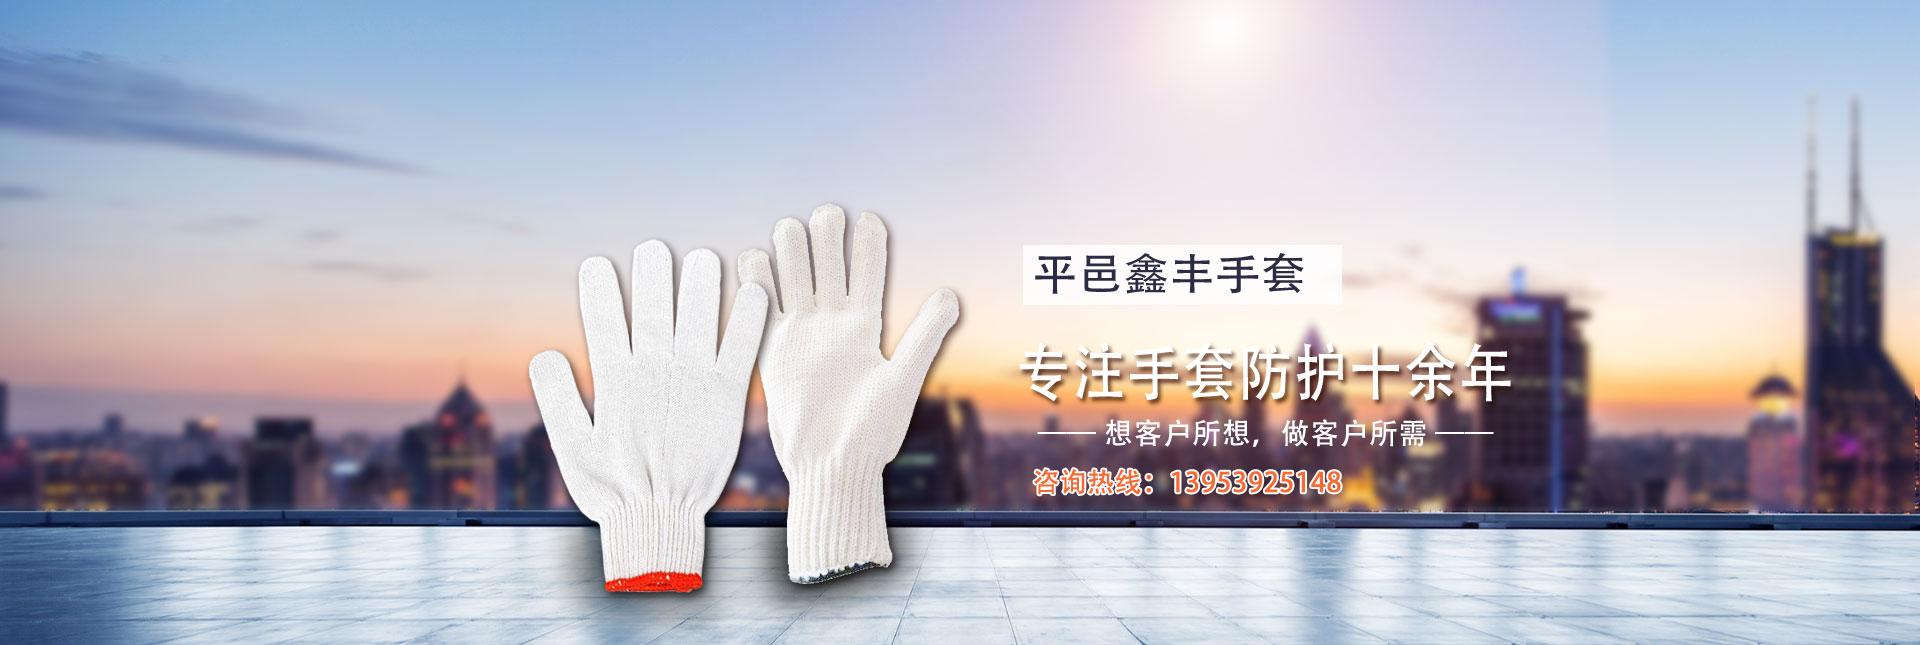 市场上的青岛劳保线手套具有了更多的辅助功能